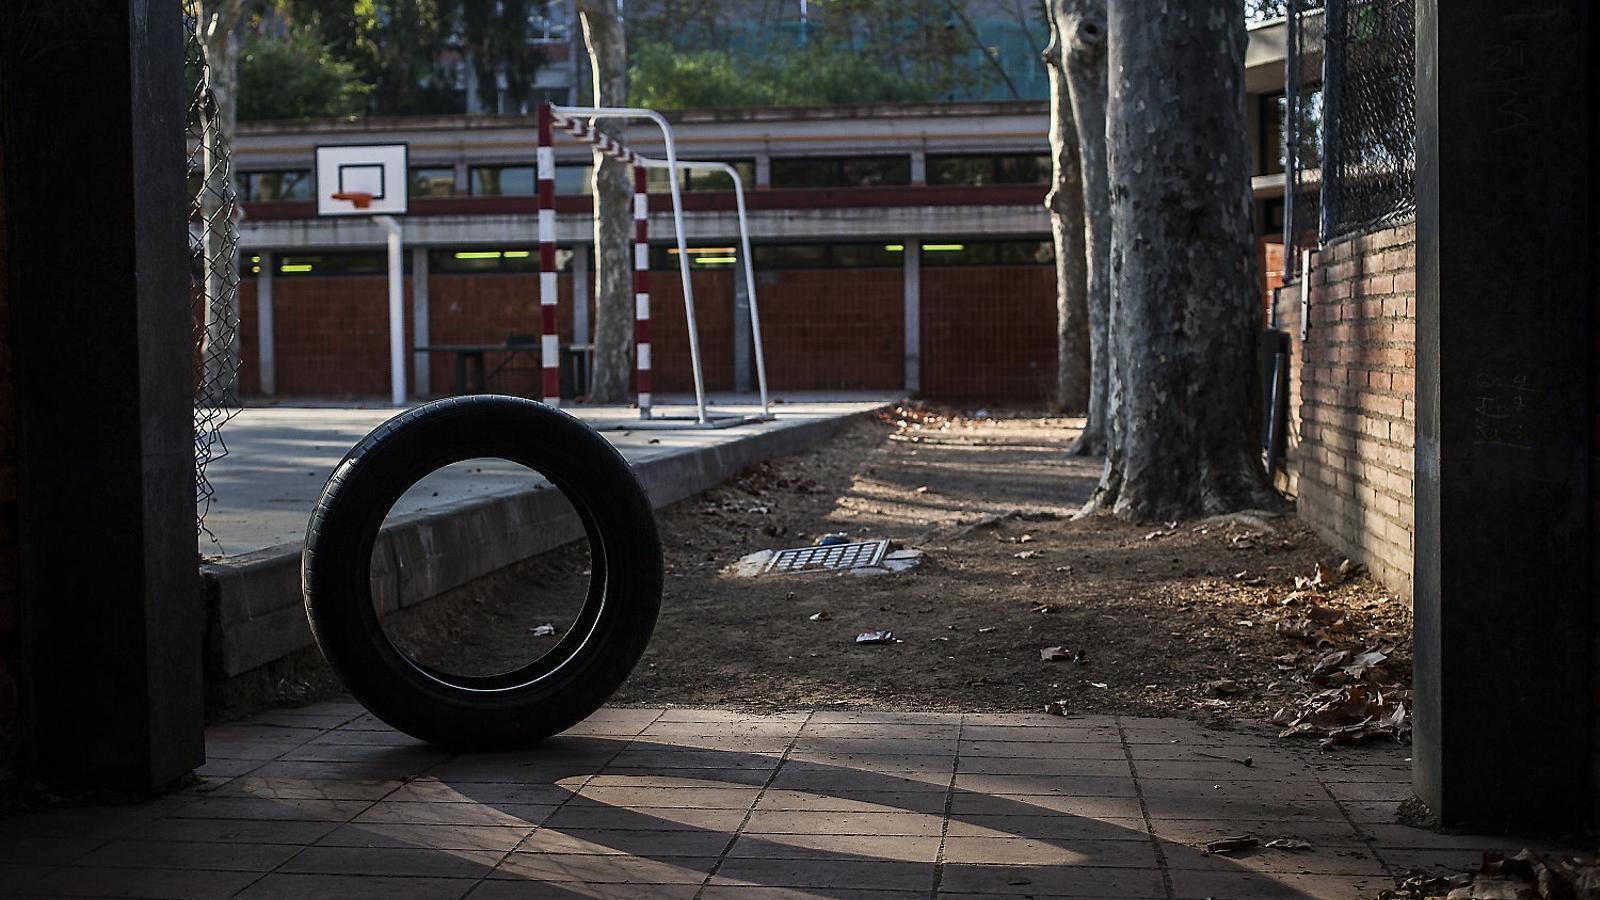 (01) En Joni, a la imatge de l'esquerra.   (02) A dalt, un pati buit d'una escola de Barcelona, en una imatge d'arxiu